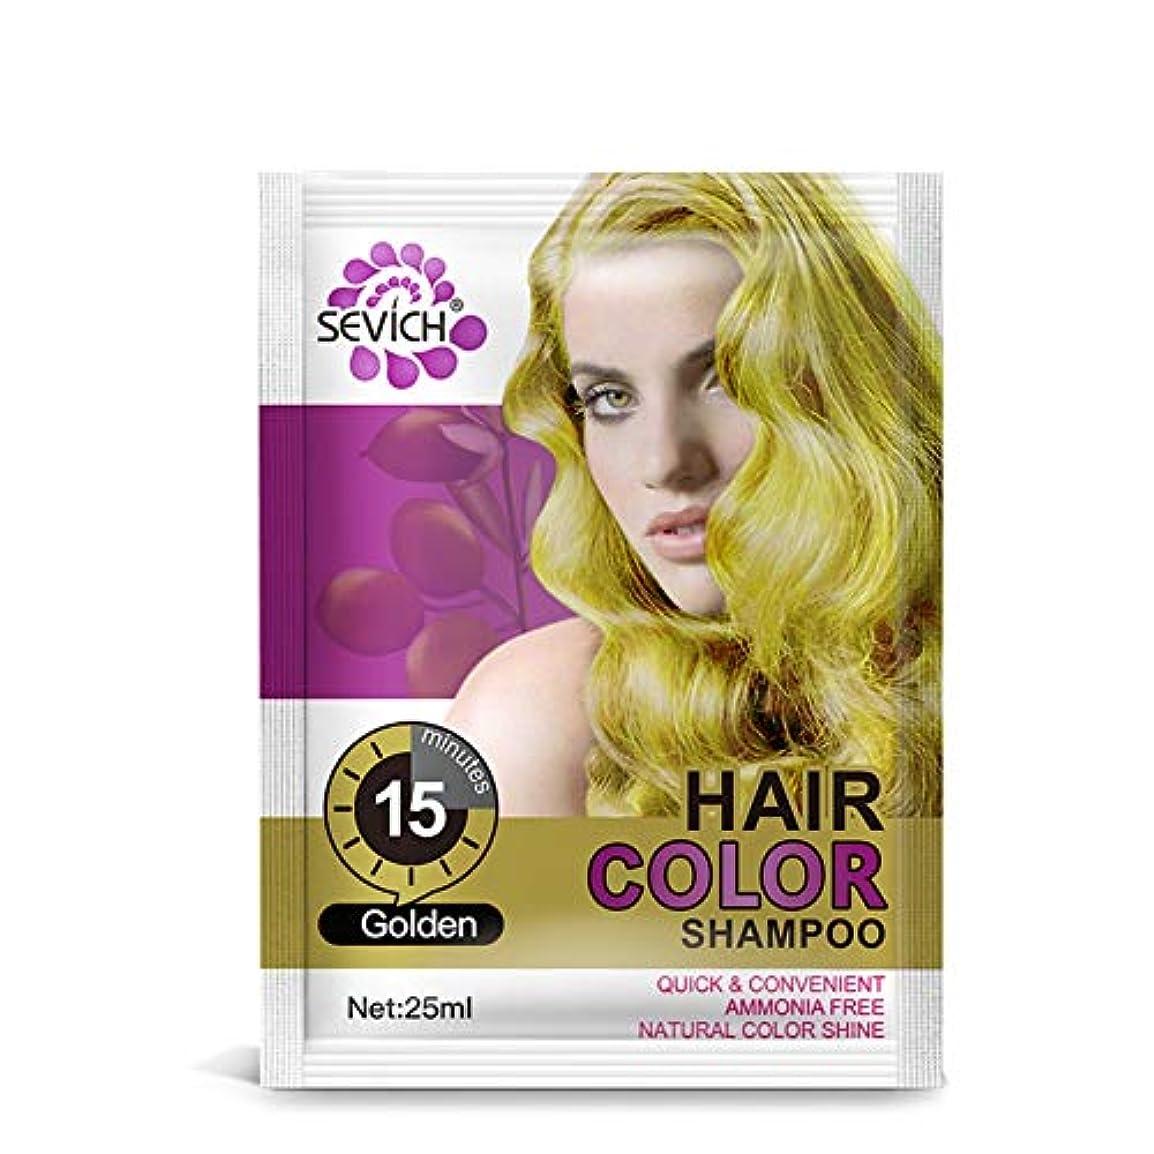 クックフェミニン馬鹿げたヘアカラー ヘア染め ヘアカラースタイリング 髪の色のシャンプ スタイリングカラーヘアシャンプー 純粋な植物 自然 刺激ない ヘアケア Cutelove